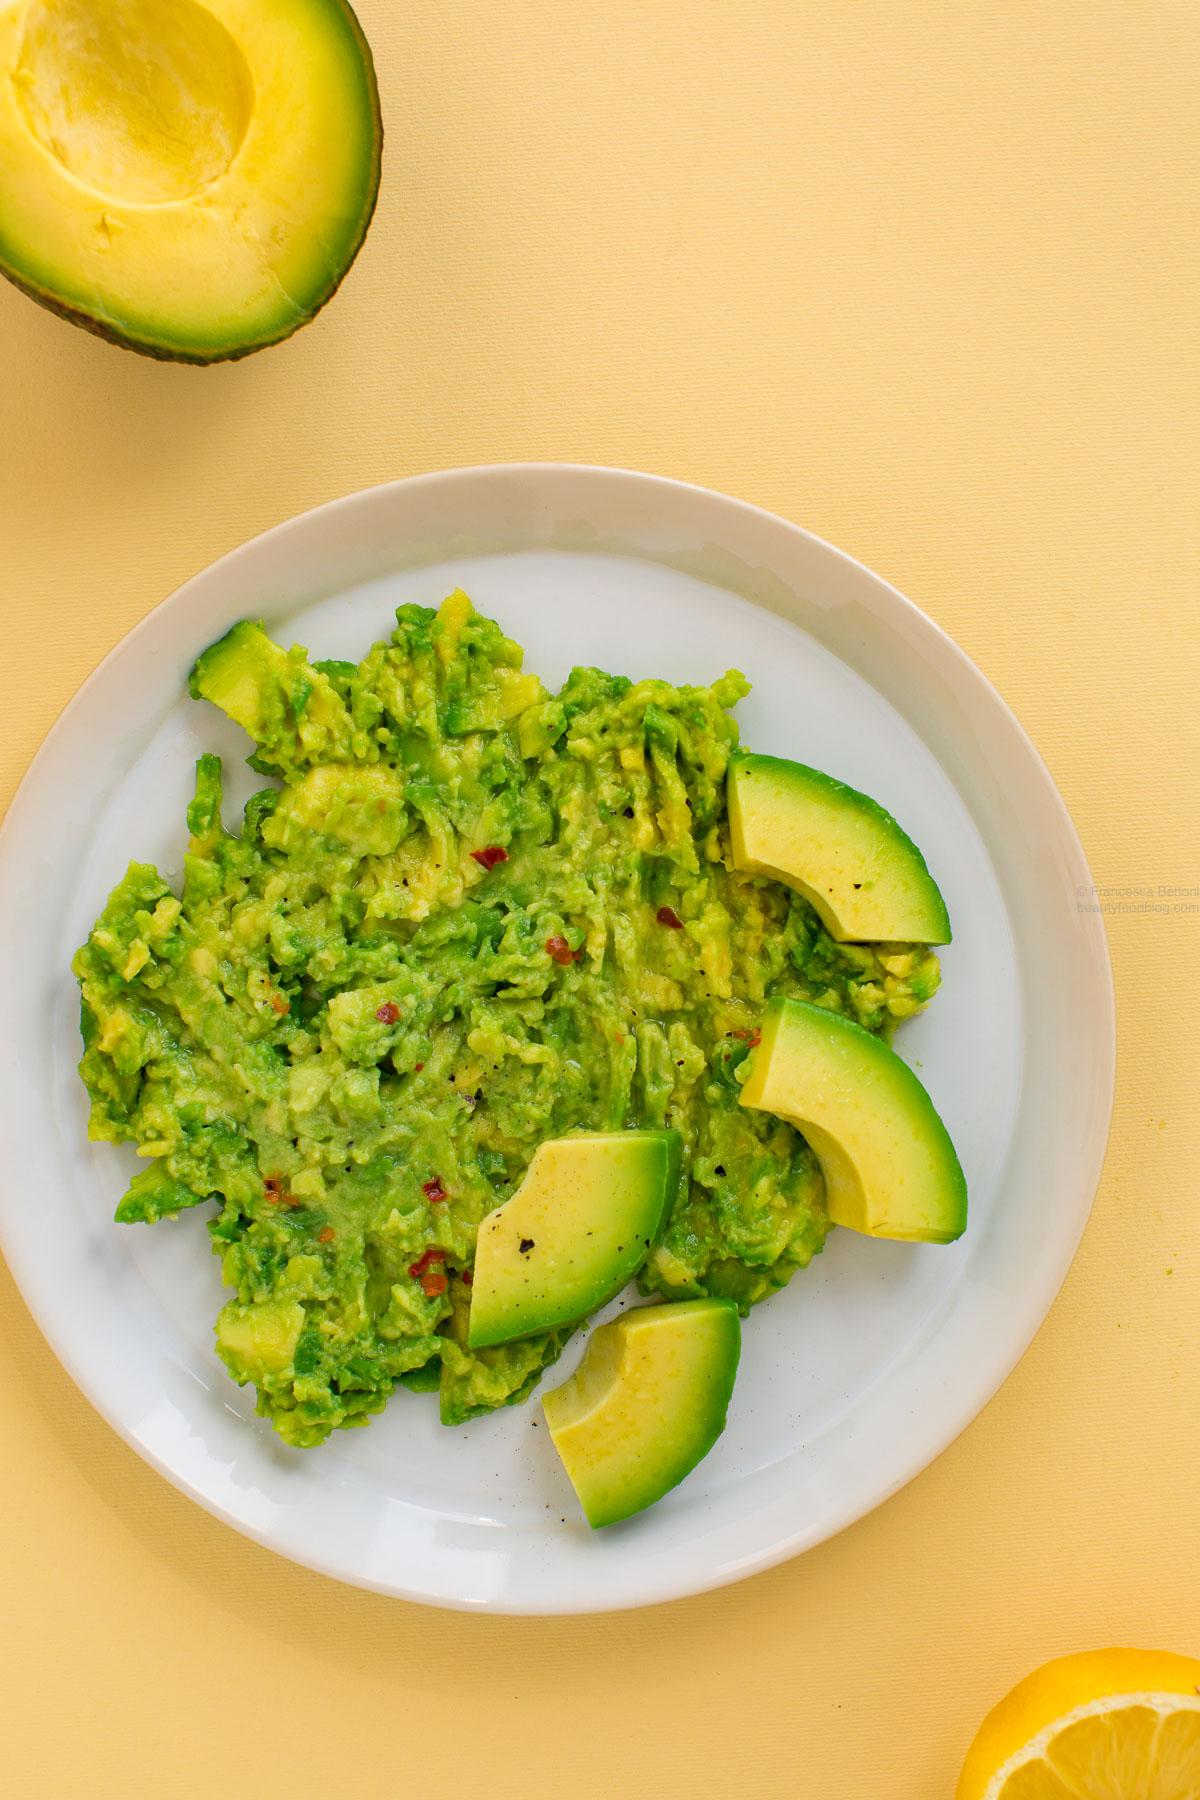 come preparare avocado toast vegan senza glutine - how to make a vegan glutenfree avocado toast recipe